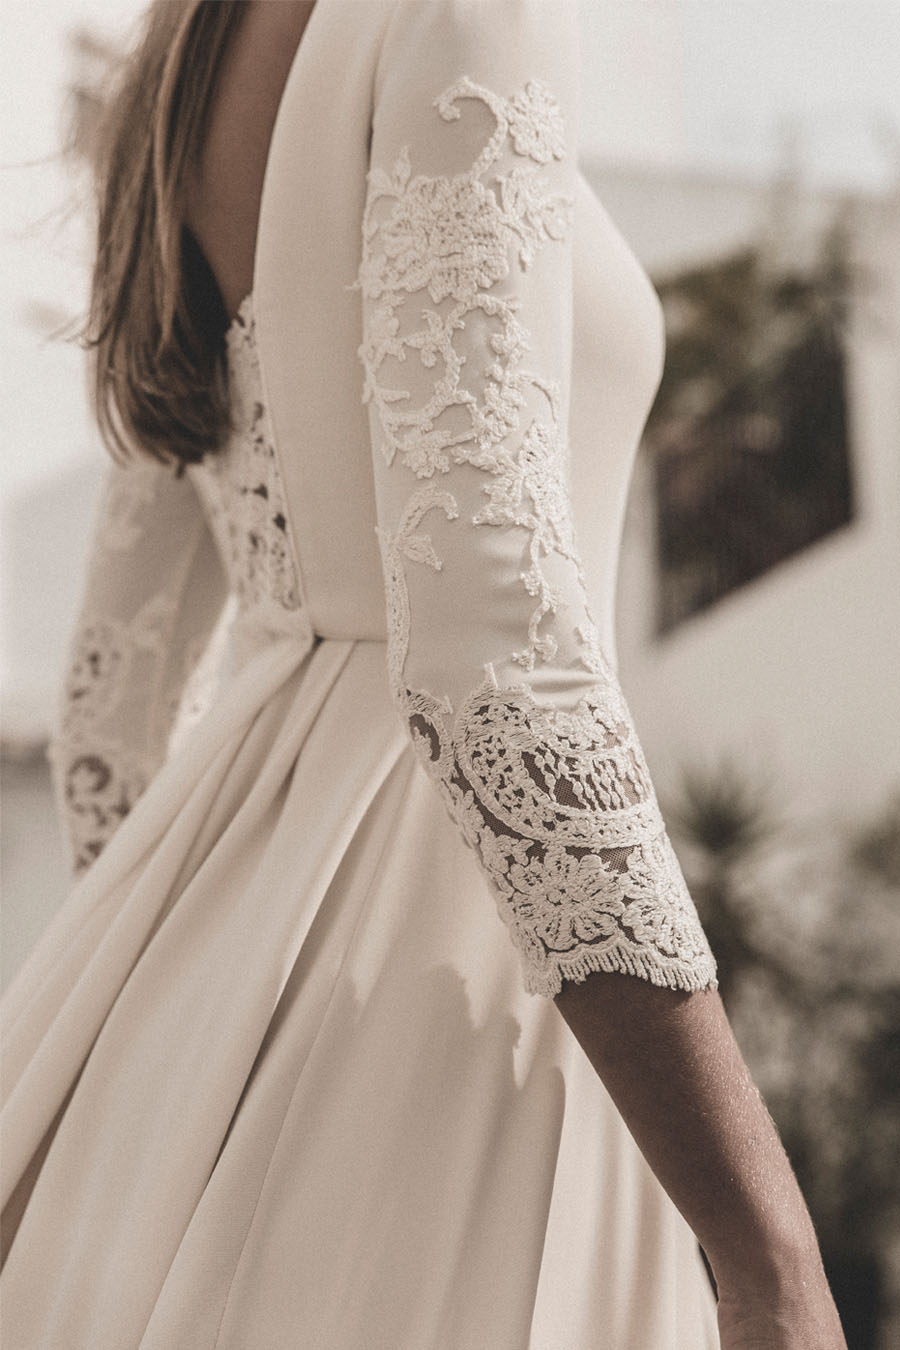 calista-one-lista-de-bodas-online-blog-de-bodas-inspiracion-novias-claudia-5